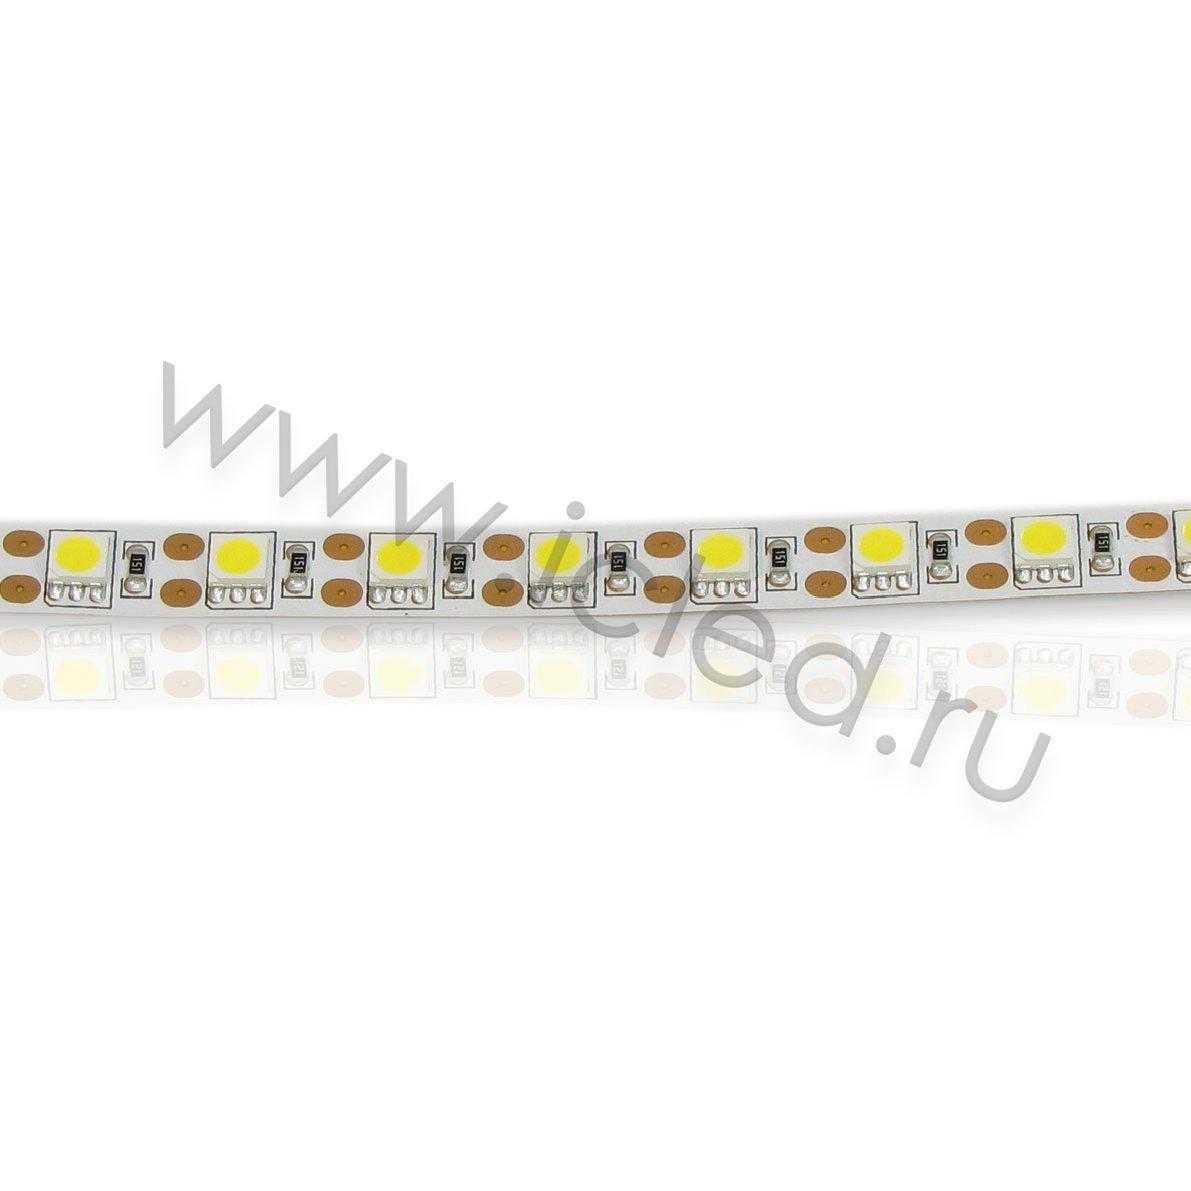 Светодиодная лента Class B, 5050, 72led/m, Warm White, 12V, IP33